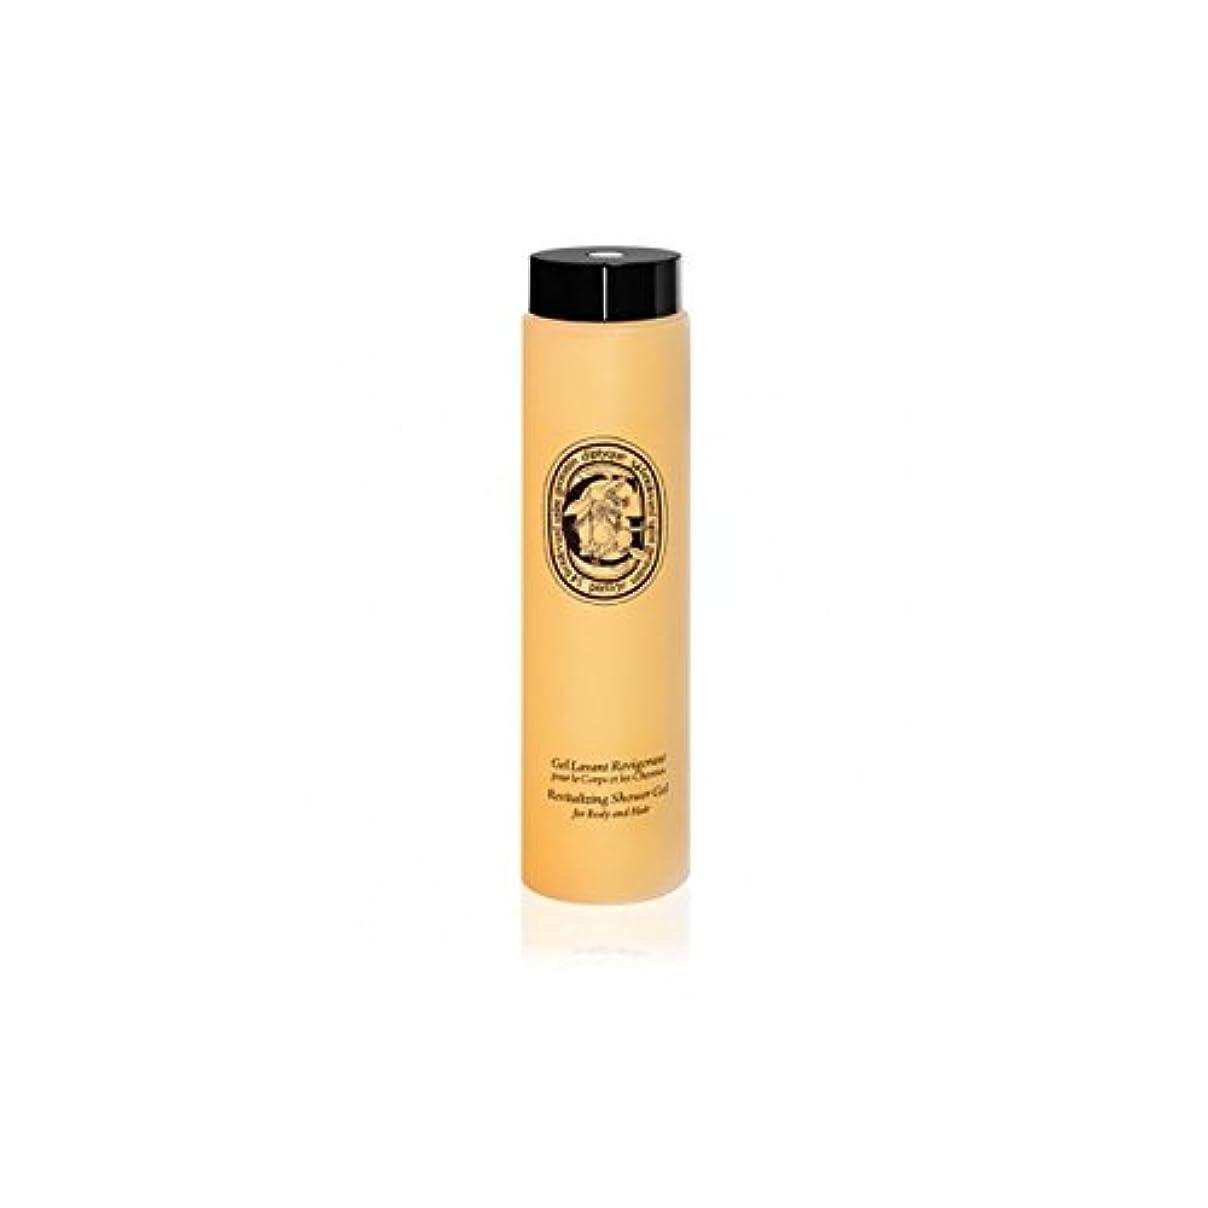 単なる指夕食を食べるボディ、ヘア200ミリリットルのためDiptyqueのリバイタライジングシャワージェル - Diptyque Revitalizing Shower Gel For Body And Hair 200ml (Diptyque...